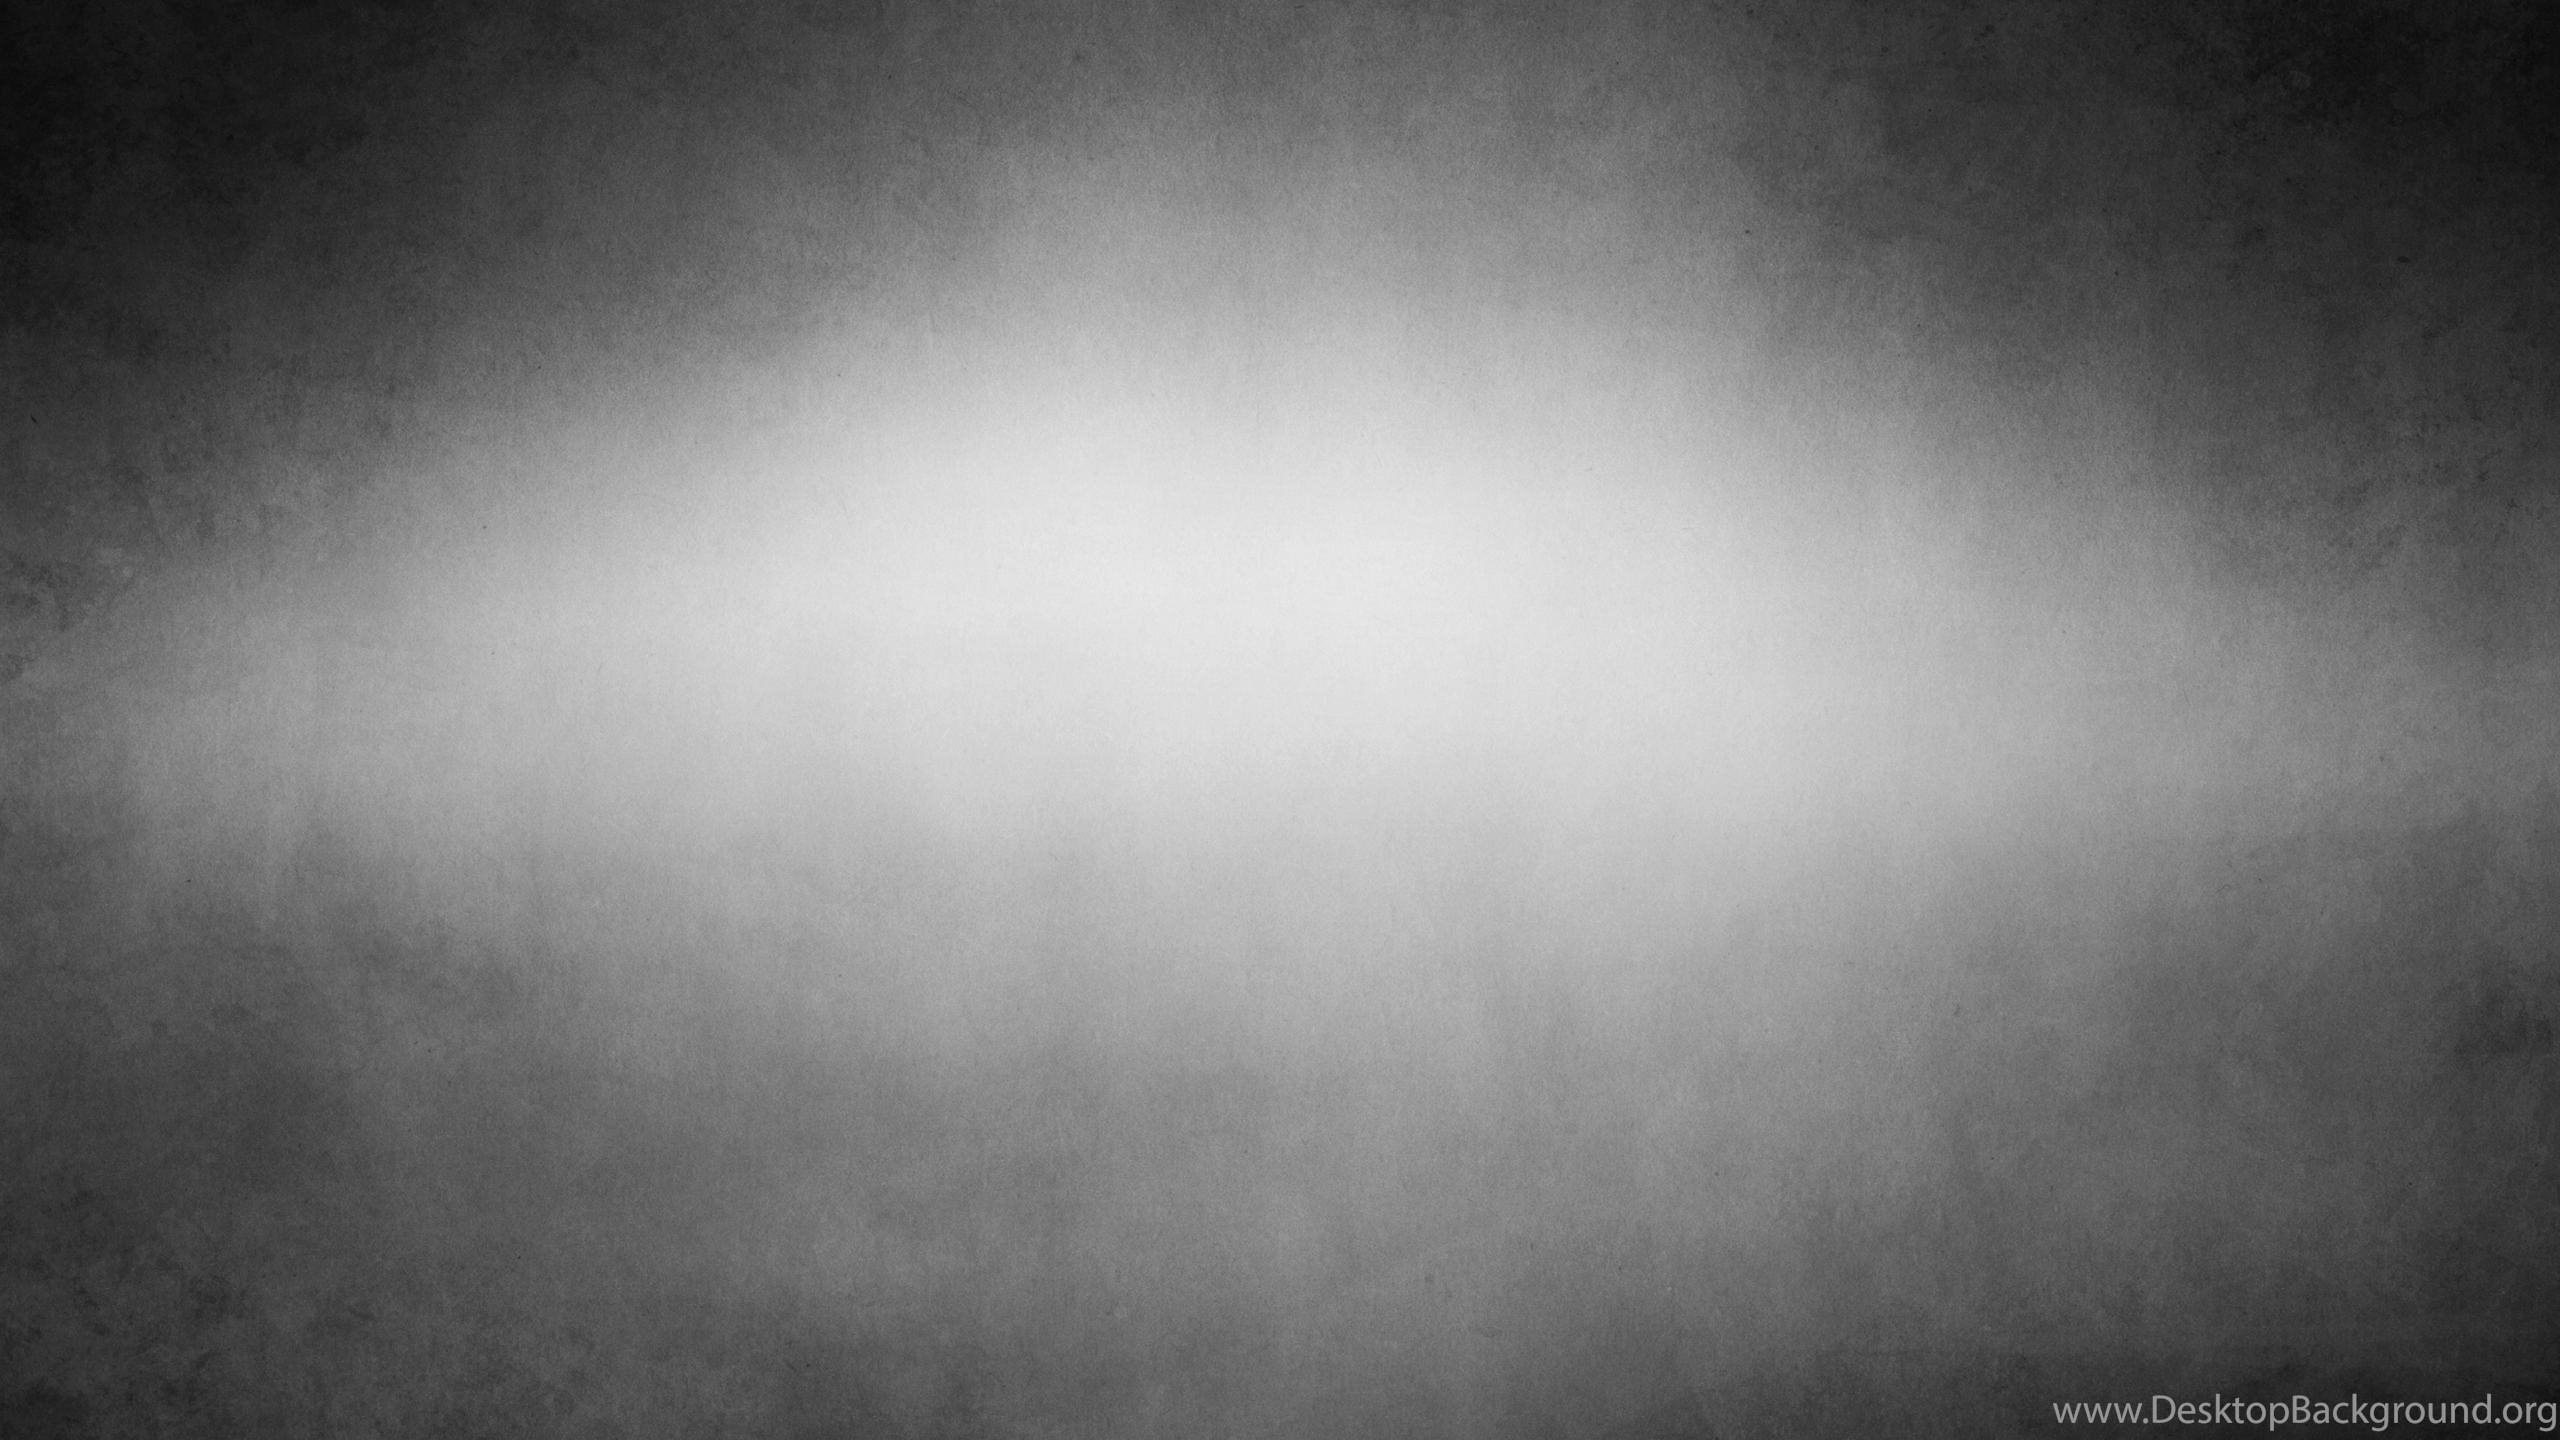 Gradient light dark backgrounds hd wallpapers desktop - Dark background wallpaper hd ...